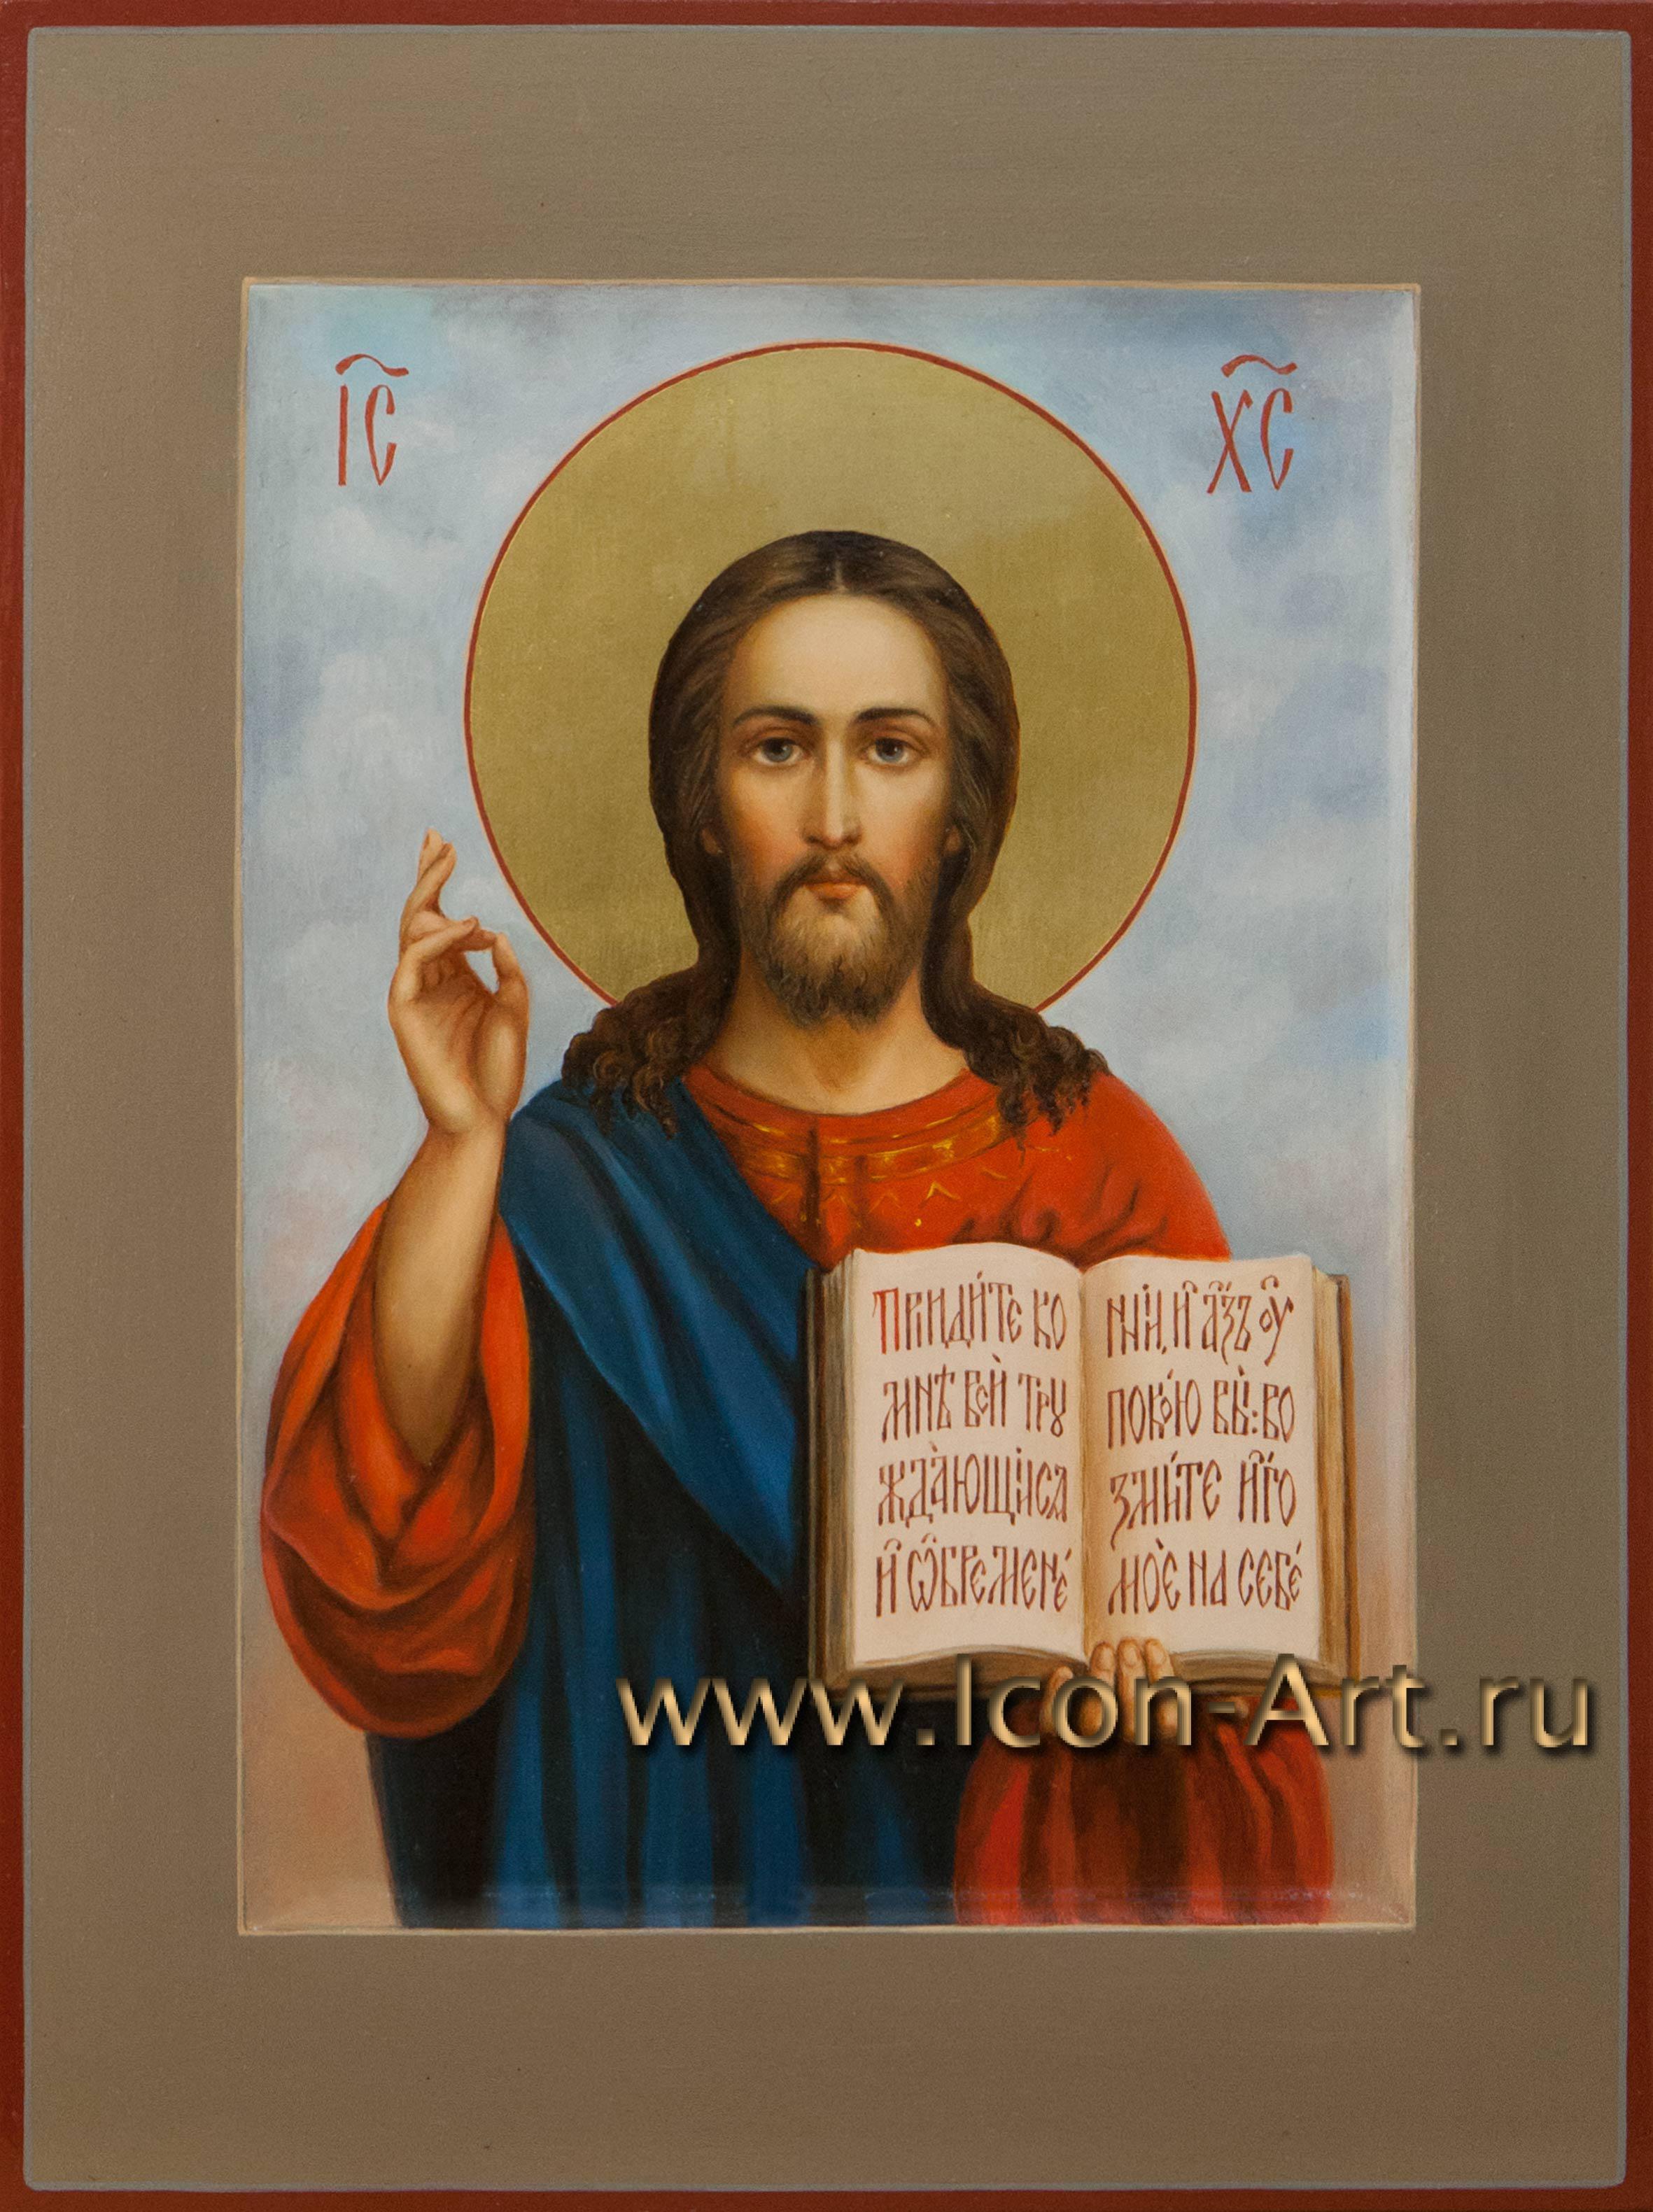 Икона иисуса христа спасителя фото